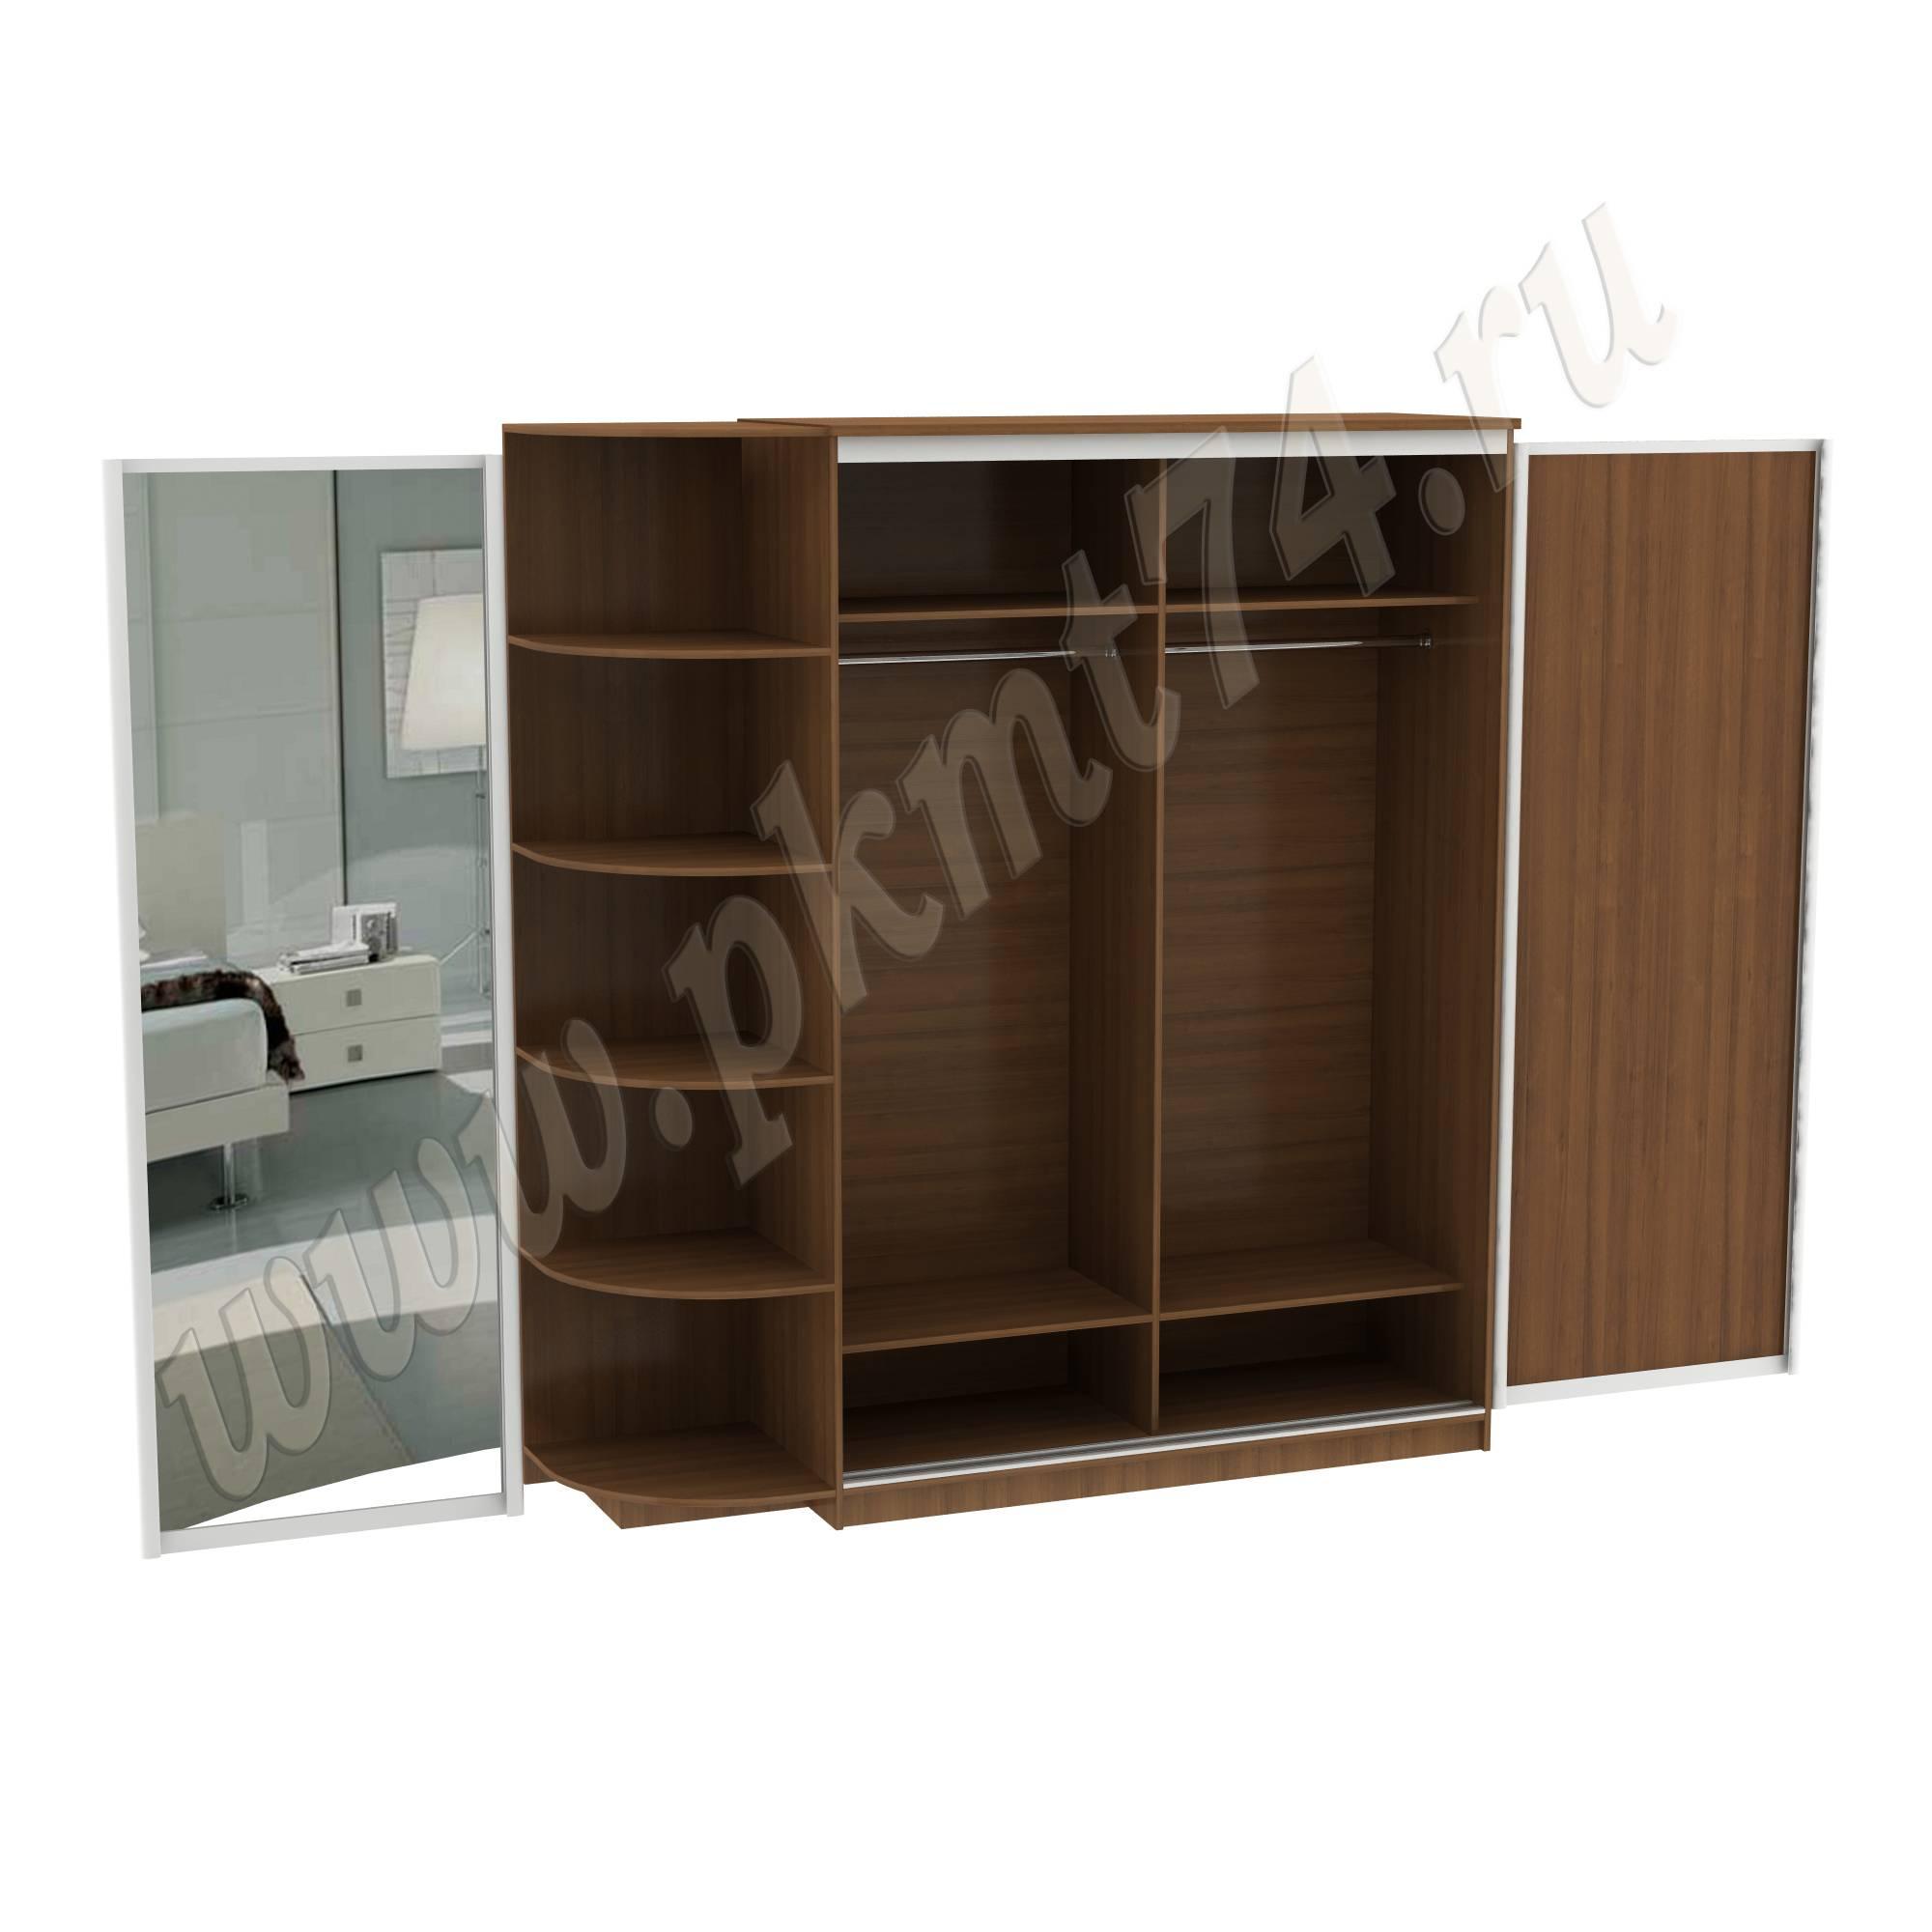 Шкаф купе эконом с зеркалом и угловыми полочками 15-8